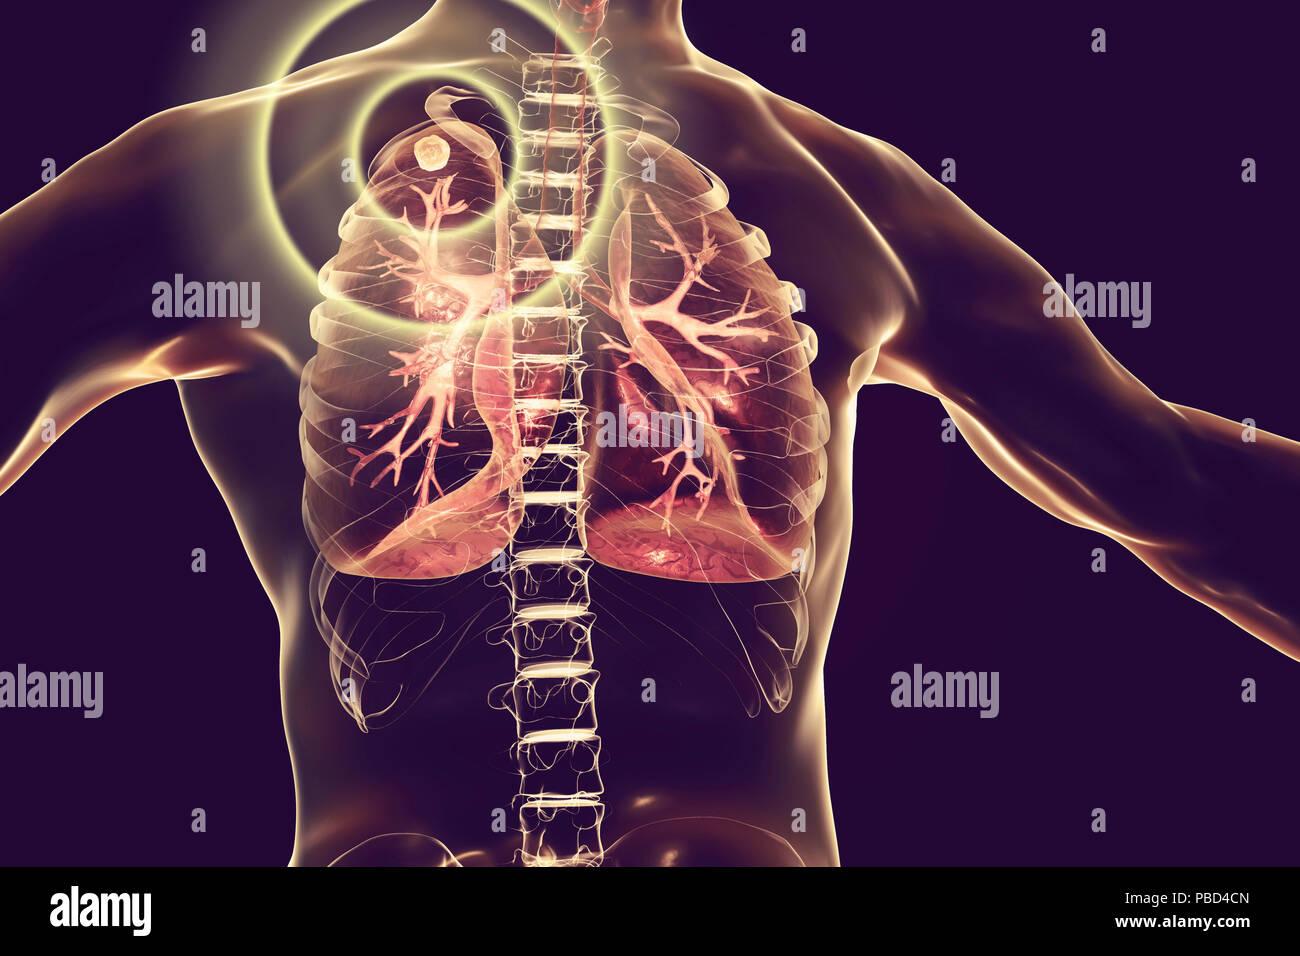 Traitement et prévention de la tuberculose, l'illustration conceptuelle. Photo Stock